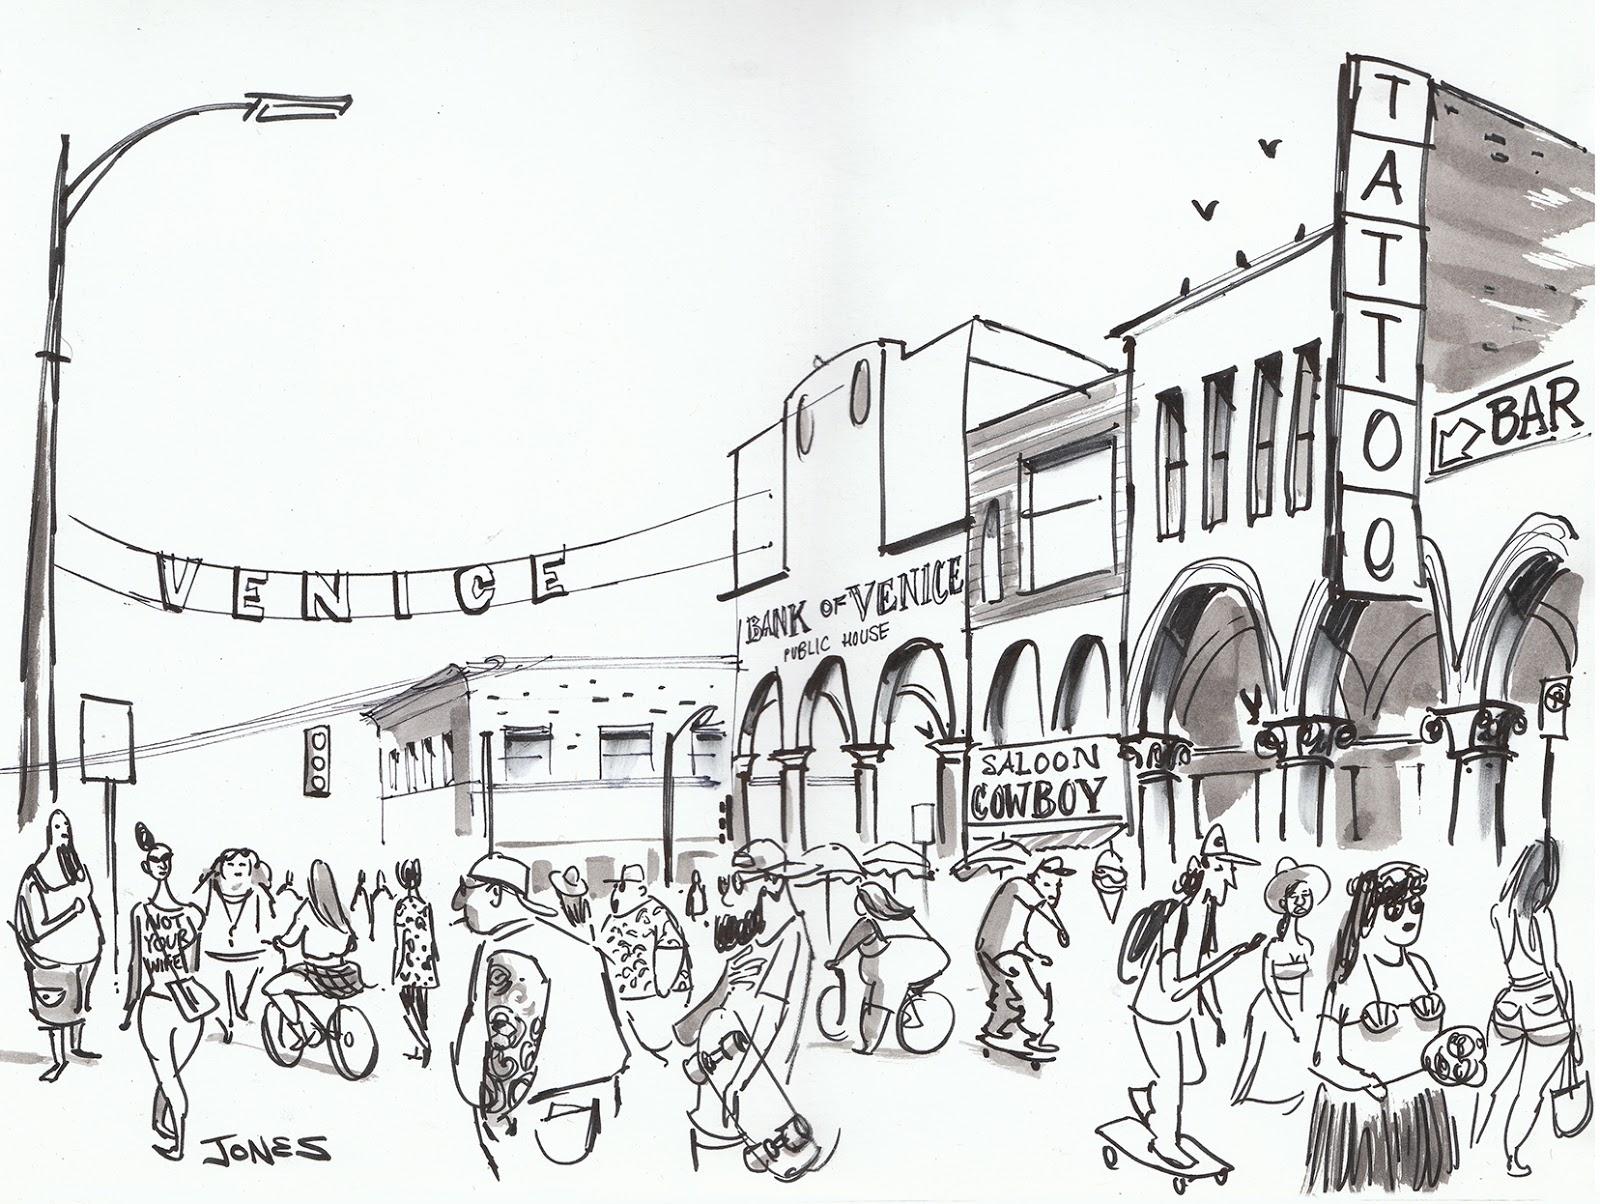 1600x1204 Matt Jones Venice Beach Sketchbook